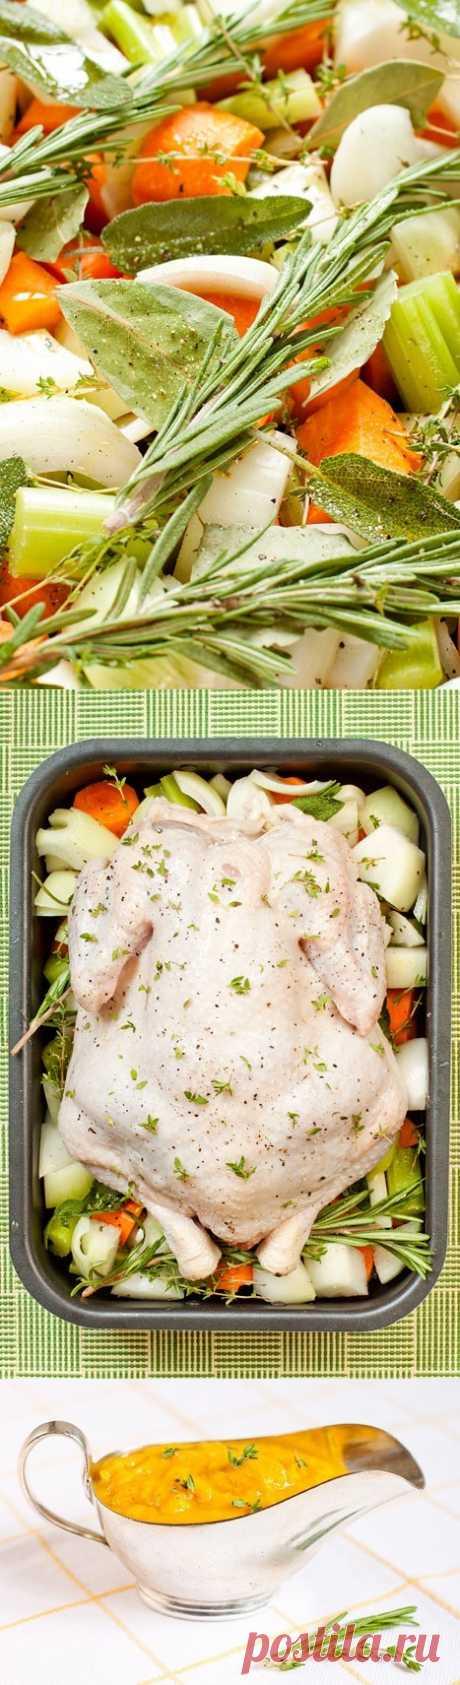 Неожиданная вечеринка. Часть 7: курица и салат (Дж. Р. Р. Толкиен. «Хоббит»).